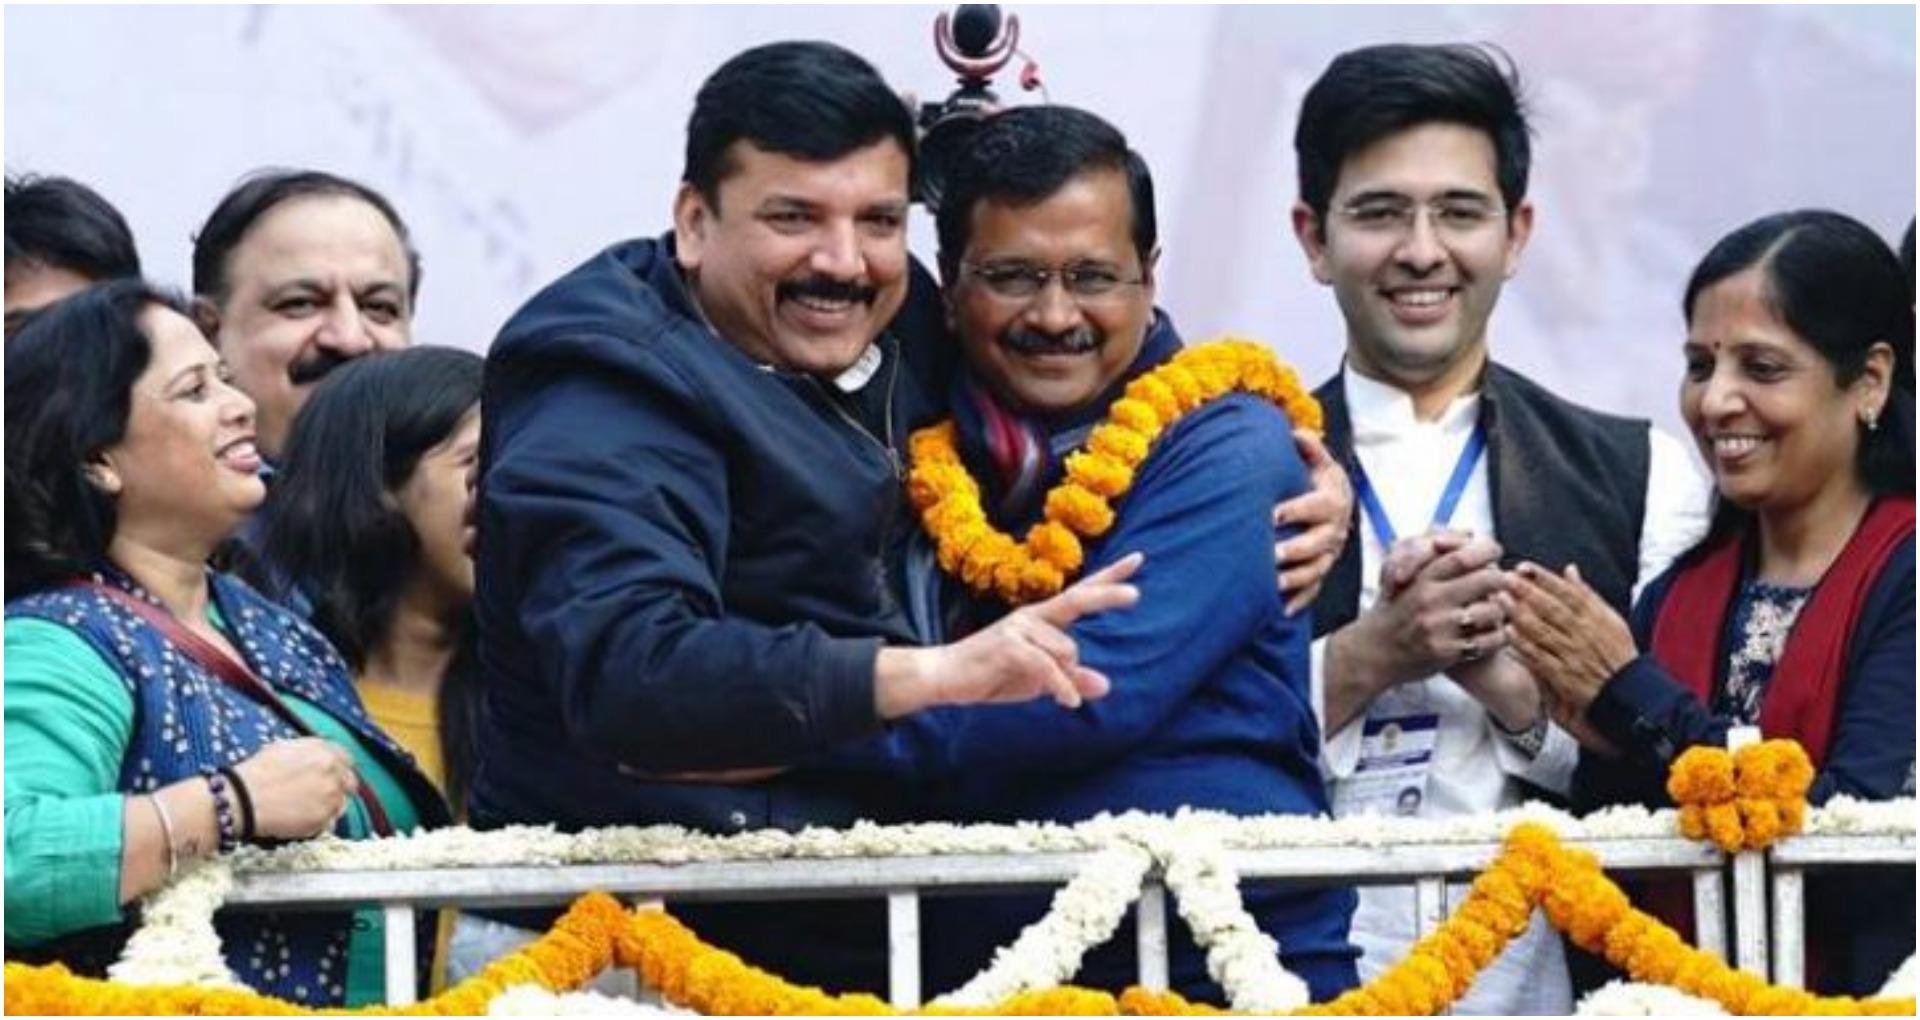 Delhi Election Result: जीत का स्वाद चखने के बाद 'आप' ने शेयर किया वीडियो, हुआ वायरल